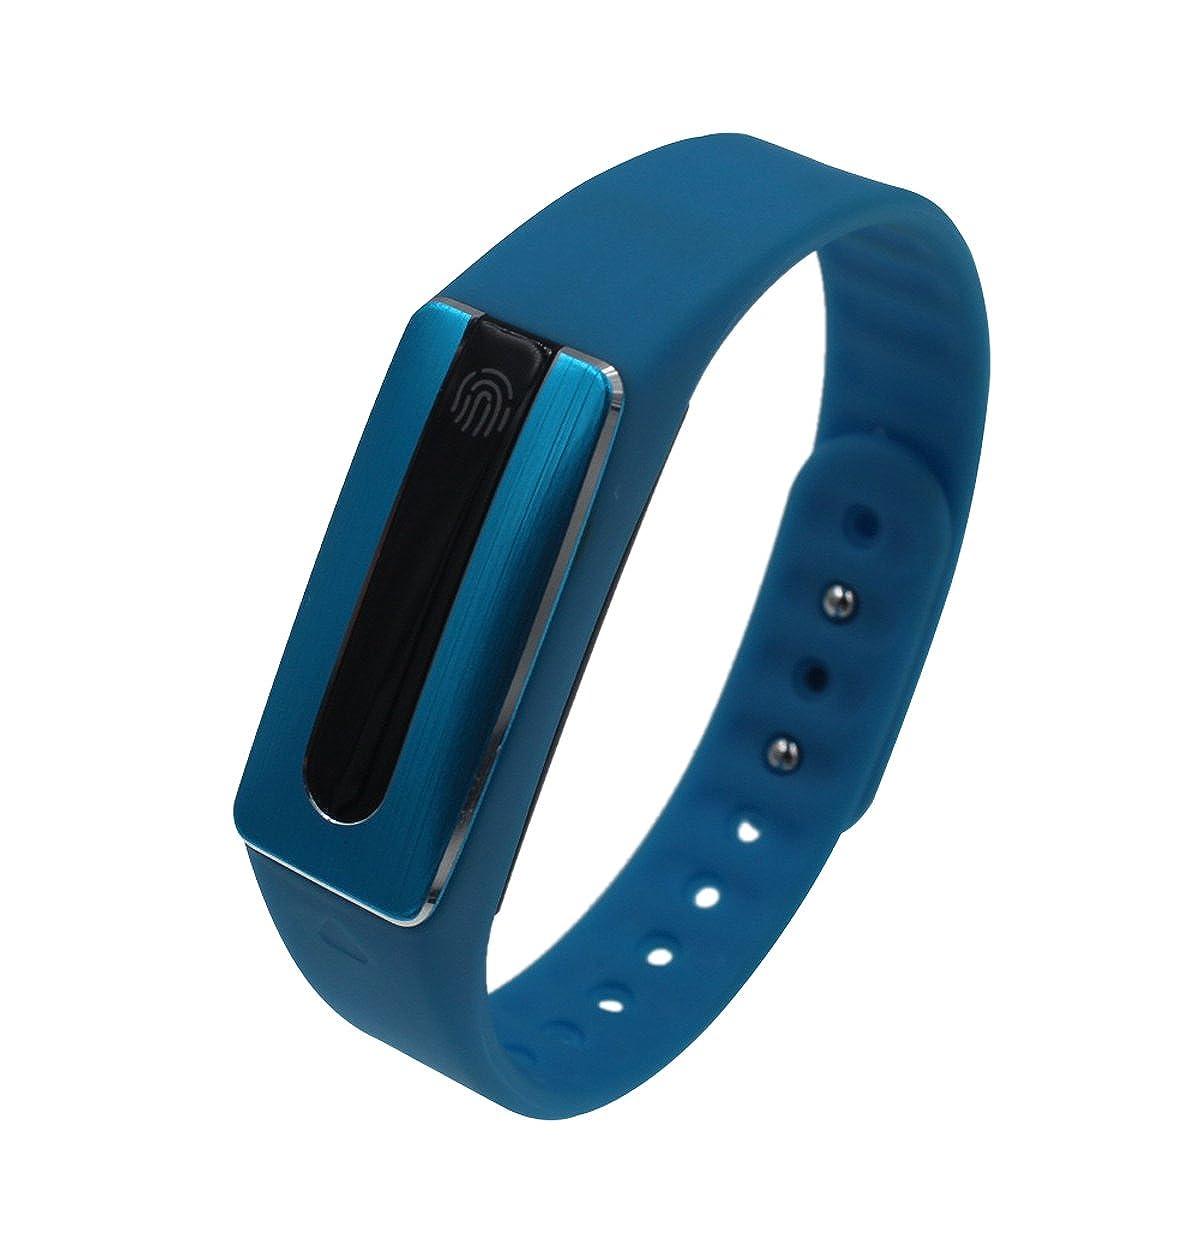 EXCLUSIVE新しいスマート腕時計ハートレートモニタースポーツ腕時計Bluetoothタッチ画面歩数計 B078YR9Q9Y B078YR9Q9Y, RoyalBlue:2ff6ea1a --- arvoreazul.com.br